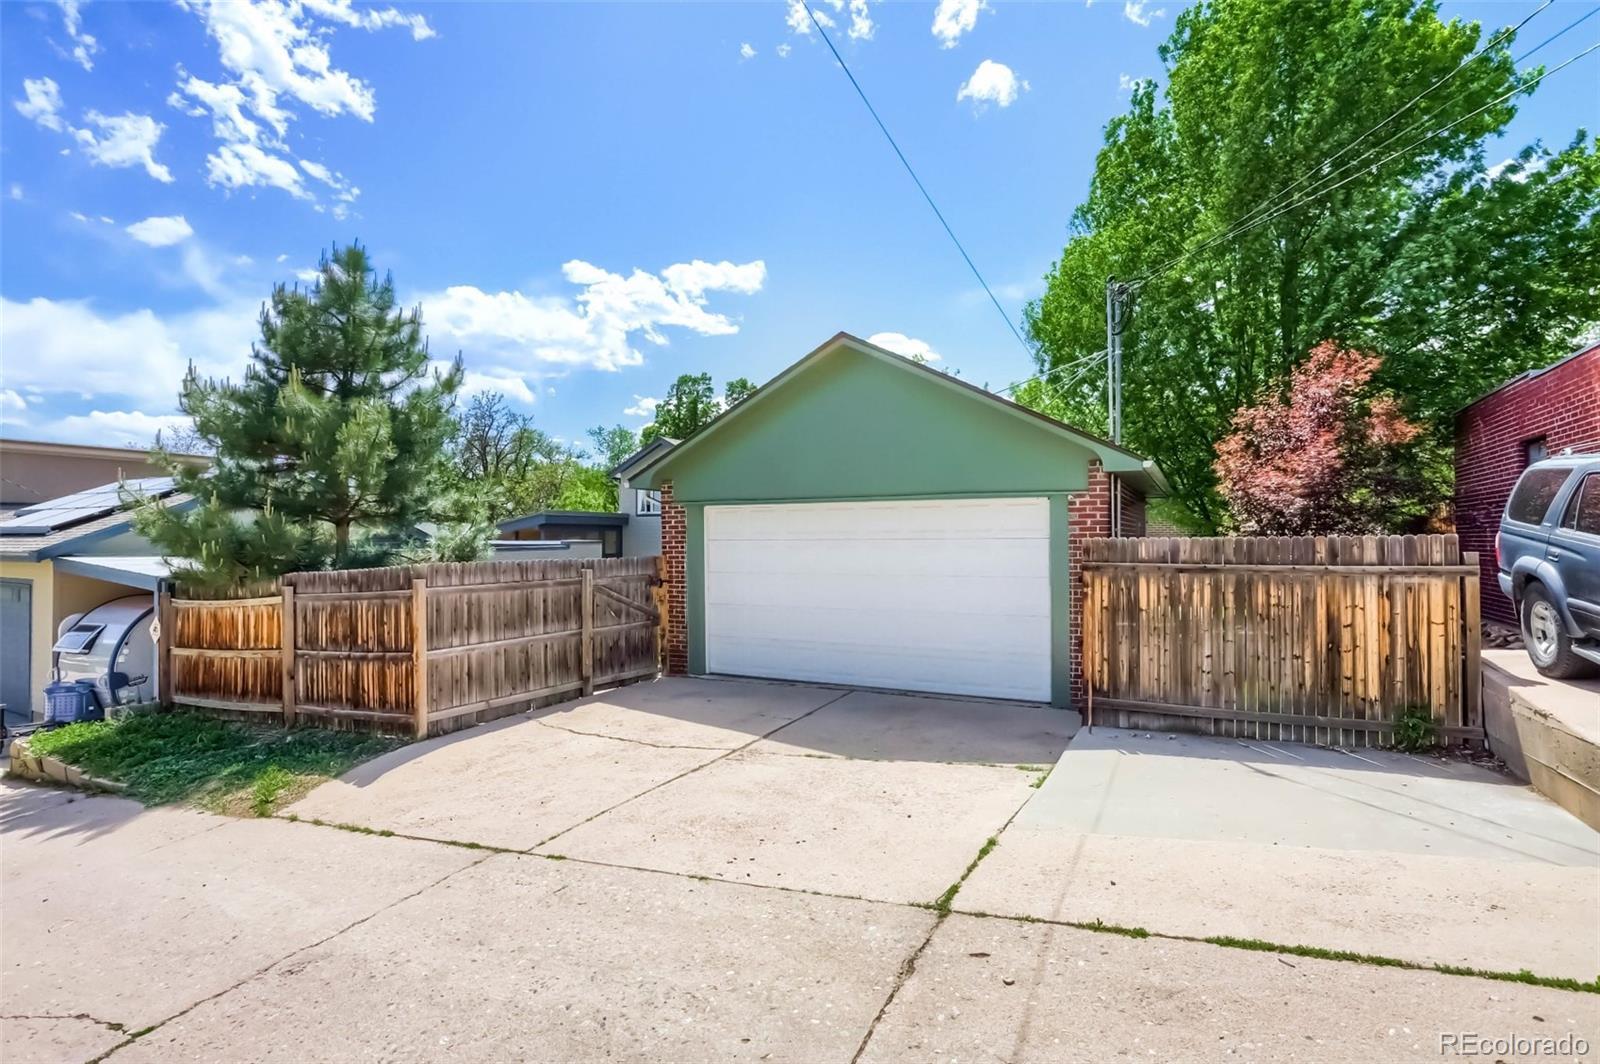 MLS# 5546668 - 39 - 3030 Stuart Street, Denver, CO 80212